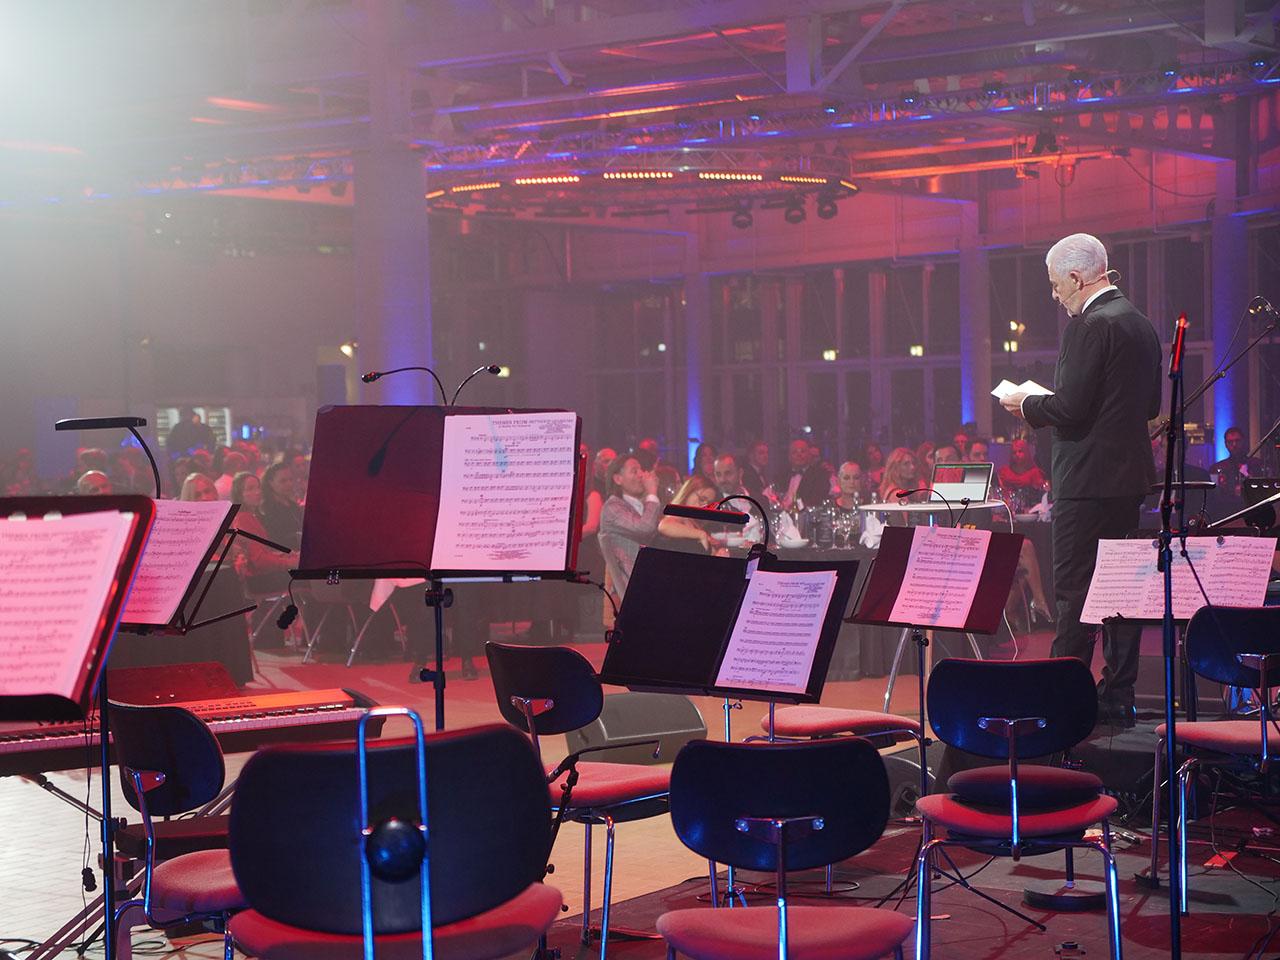 Rüdiger Probst hält auf der Bühne eine Rede